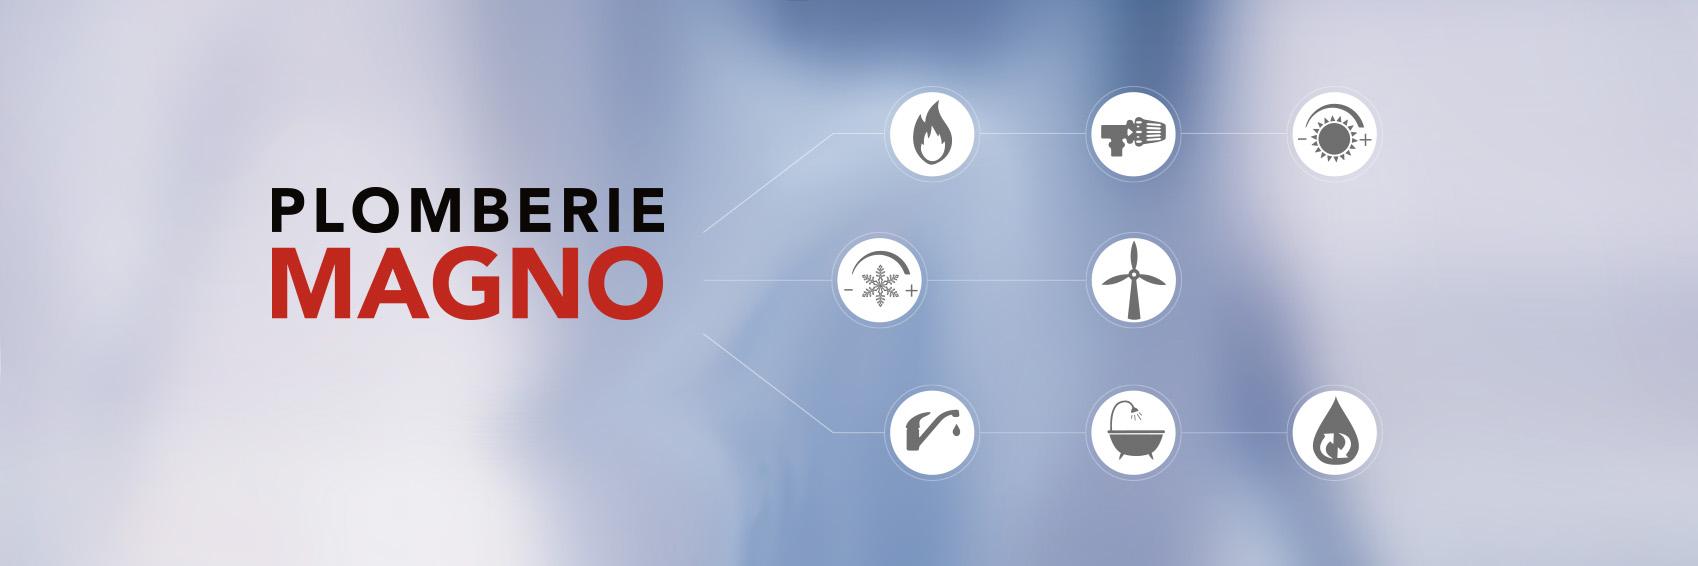 Partenaires agréés chauffage, sanitaire, climatisation